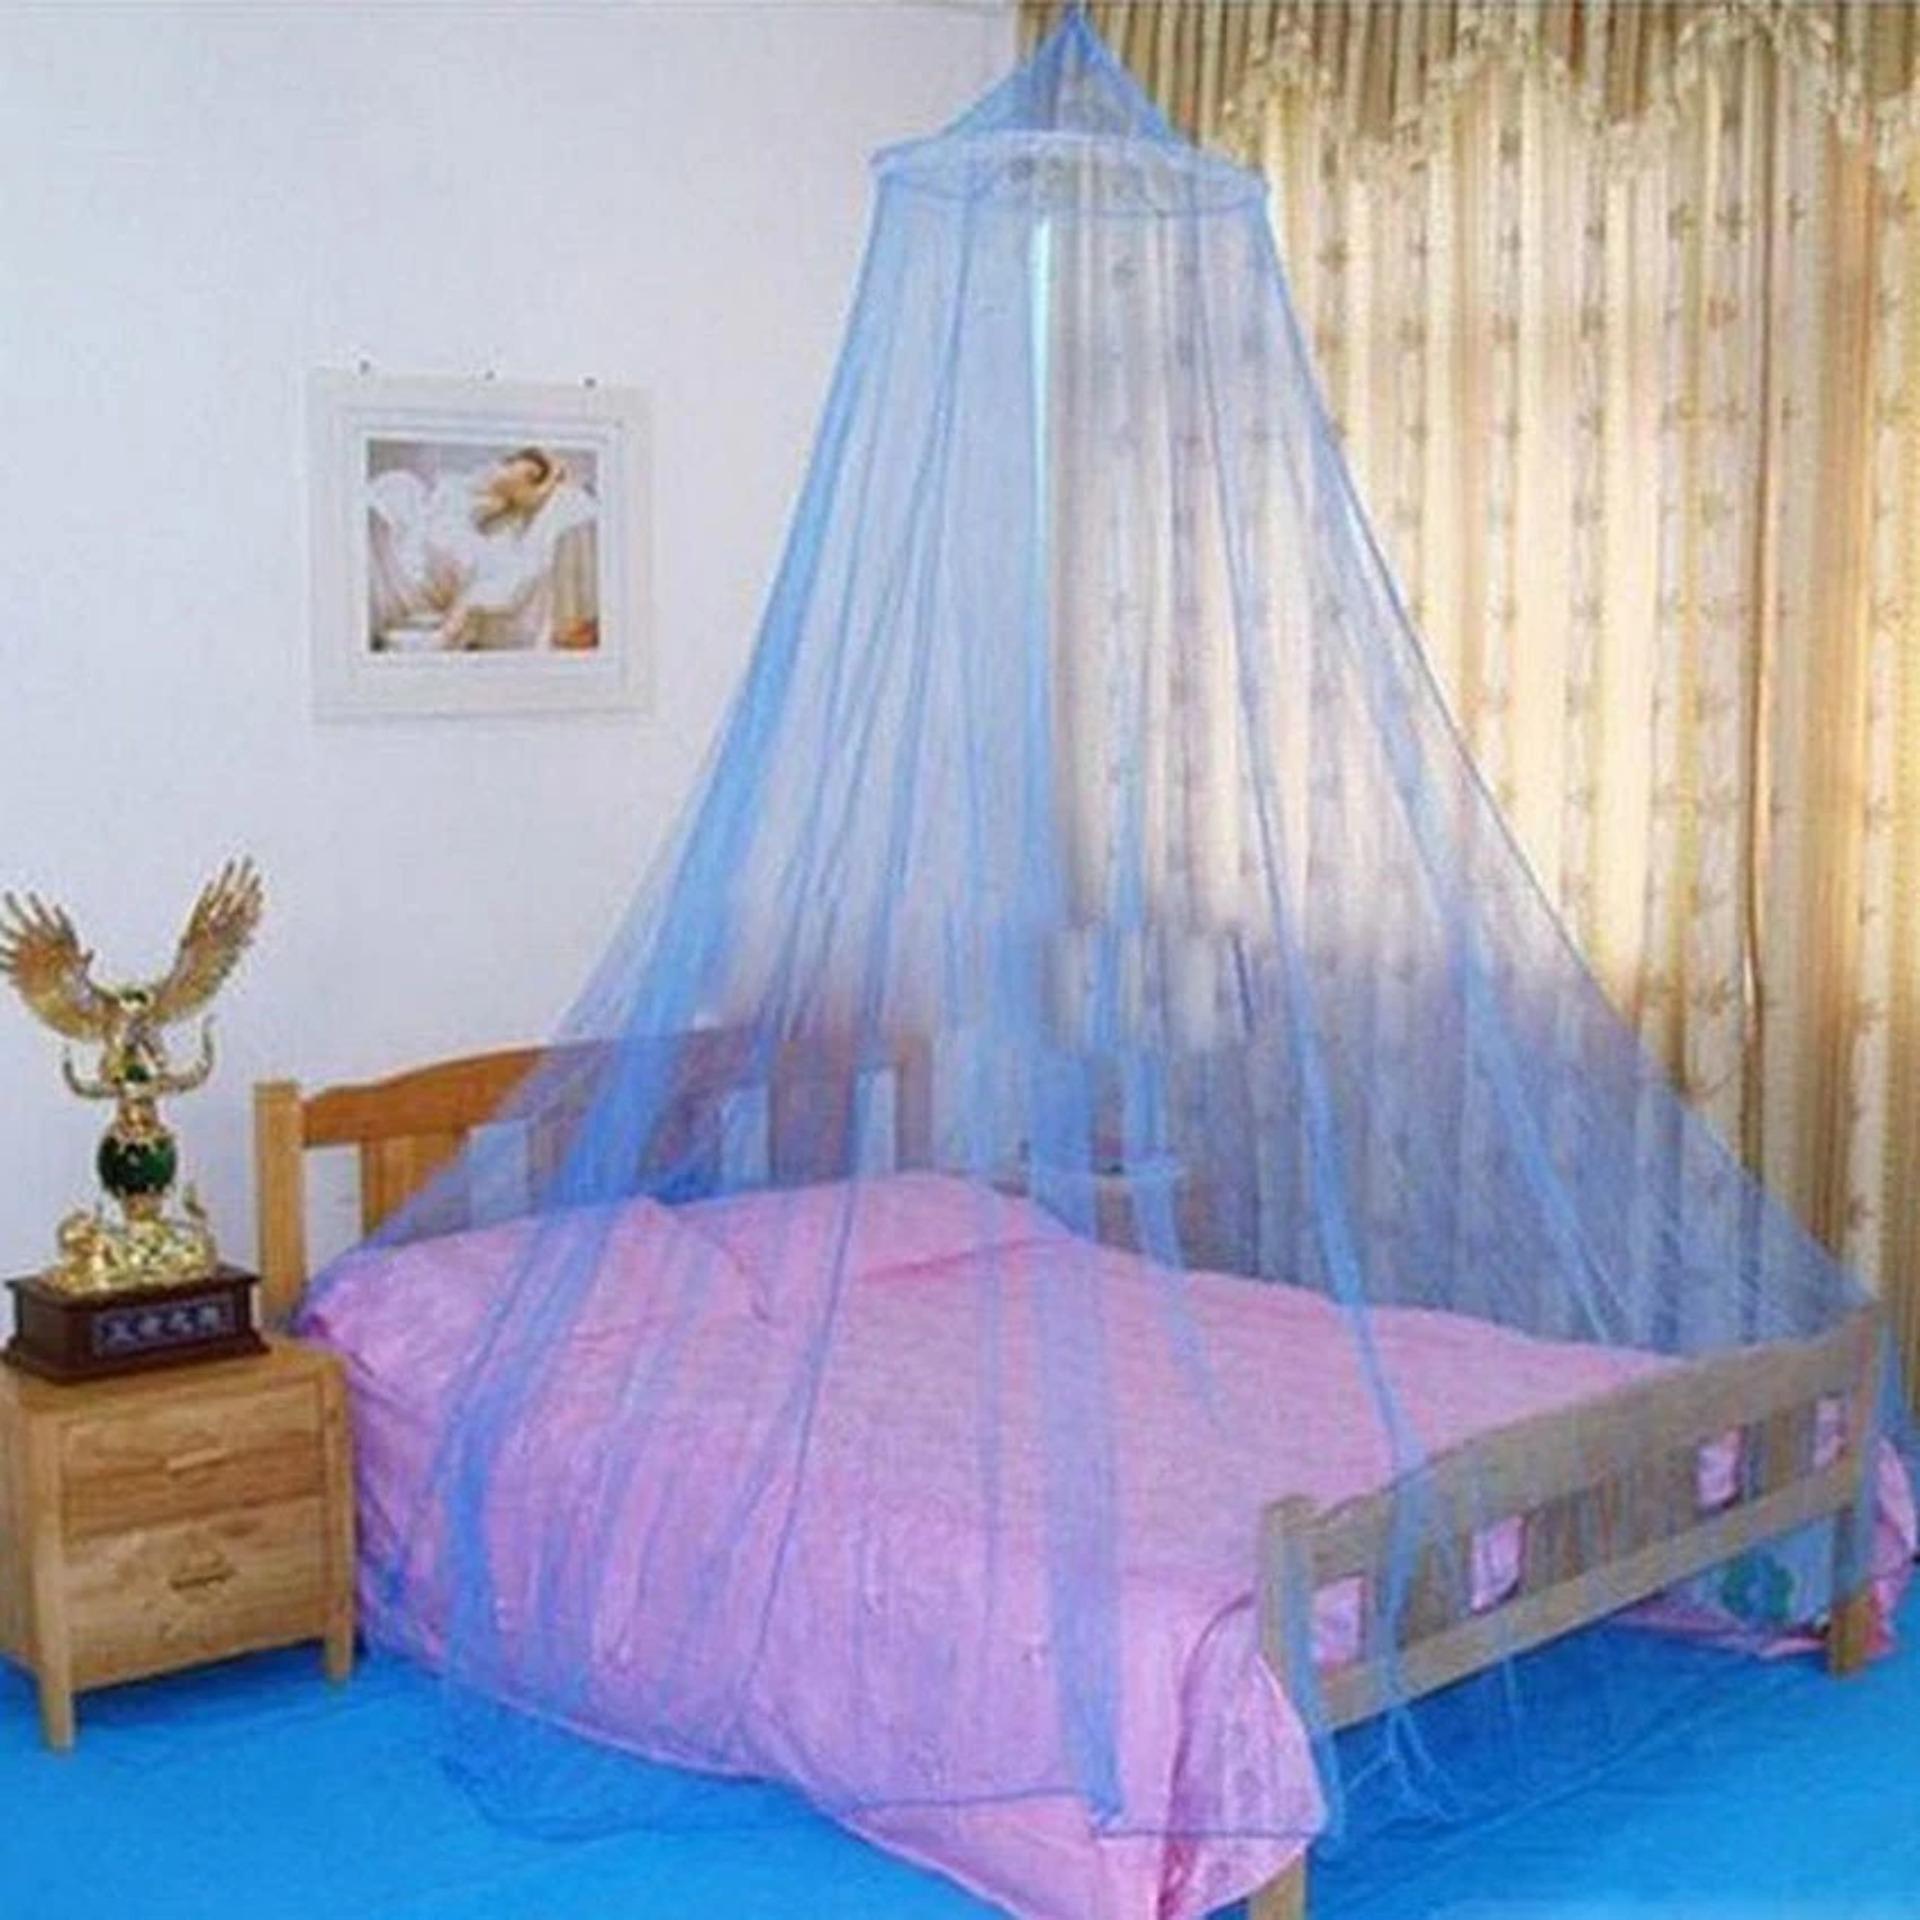 Kelambu Tempat Tidur Kl72 120 X 200cm Daftar Harga Terbaru Dan Pusat Javan Bed Canopy Cribstipe Natural Series Ukuran 180x200cmking Sizeter Kl75 150 Info Update Indonesia